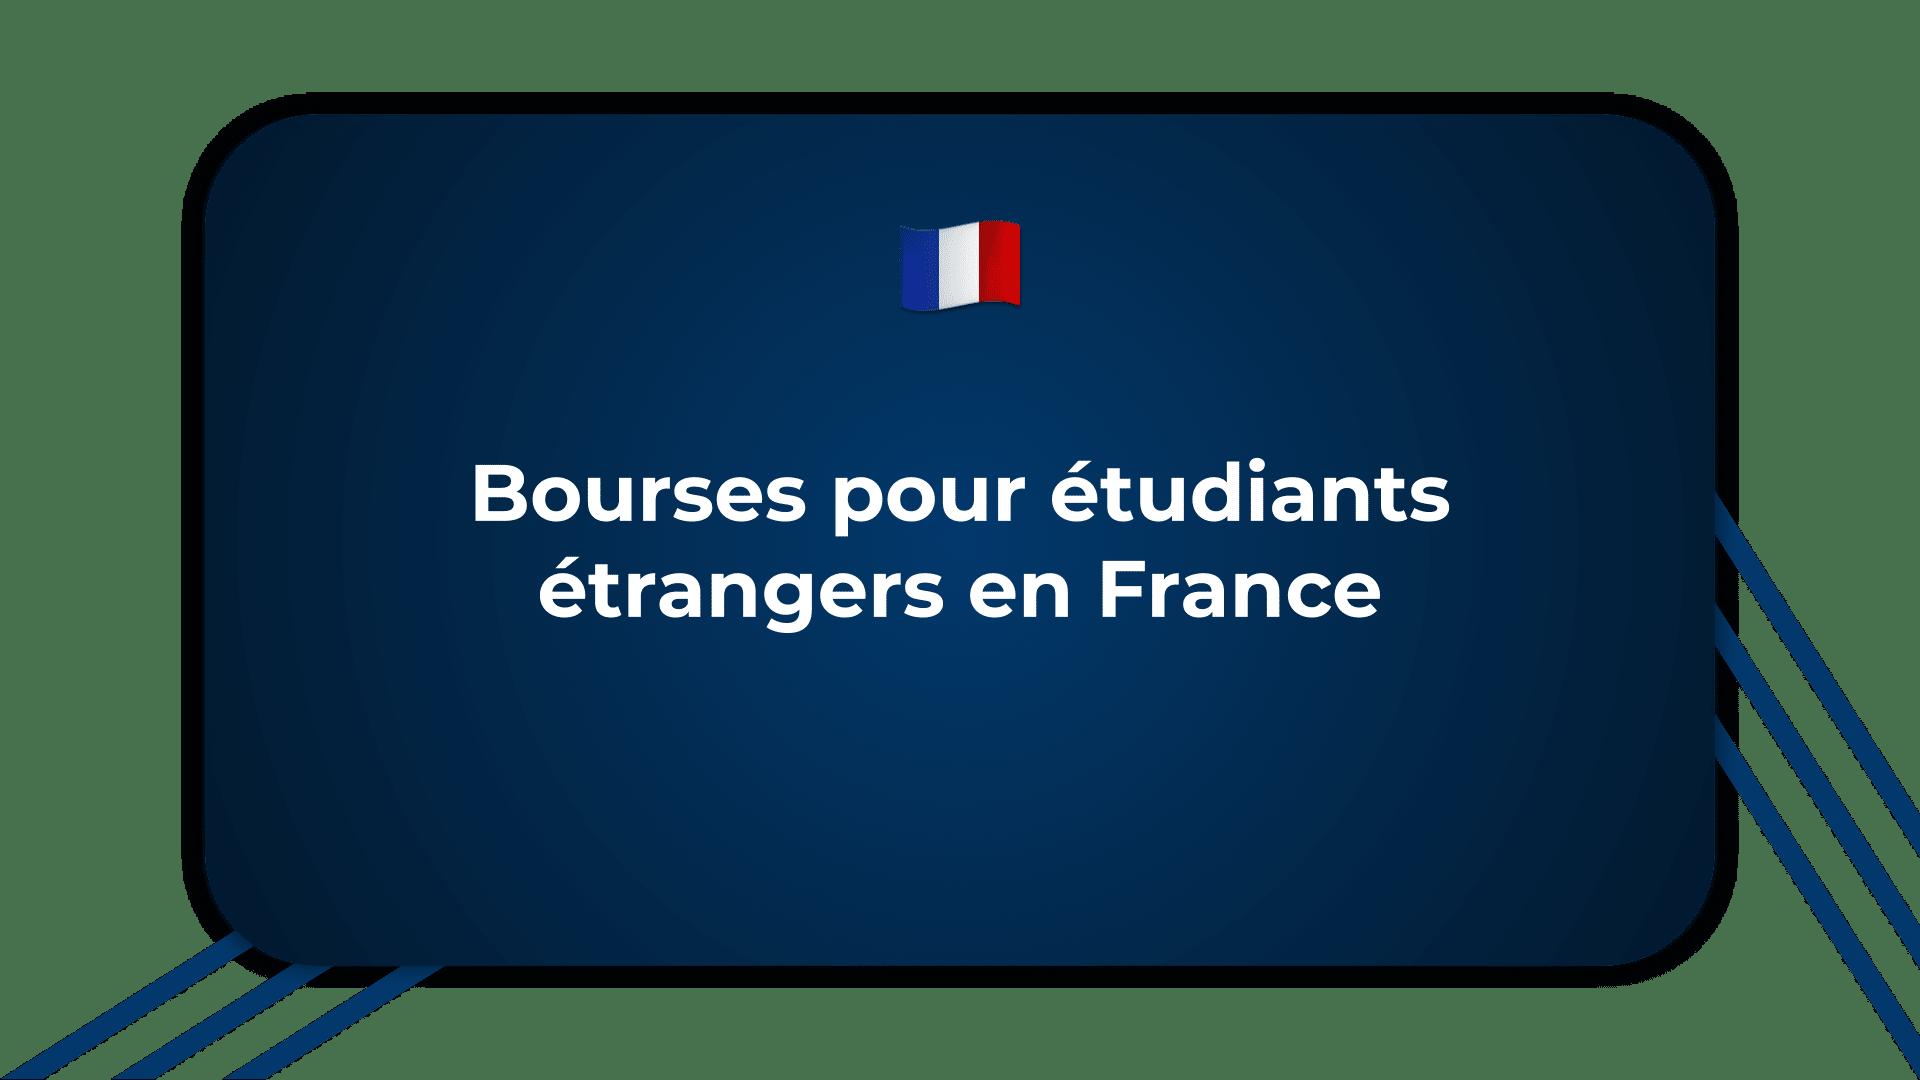 Bourses pour étudiants étrangers en France